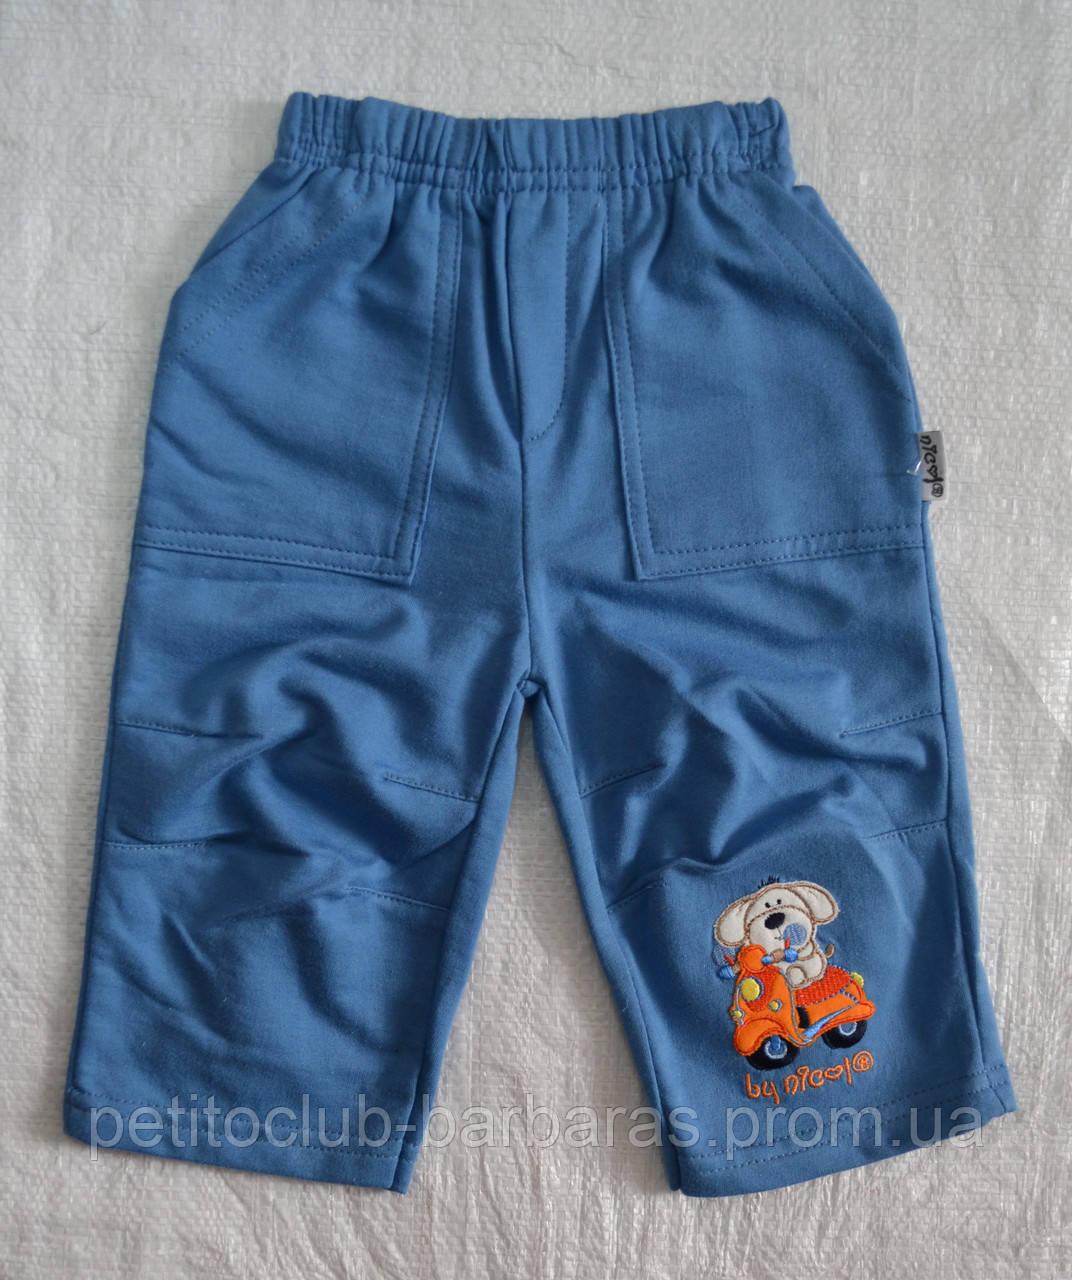 Детские трикотажные штаны голубые р. 68-98 см (Nicol, Польша)